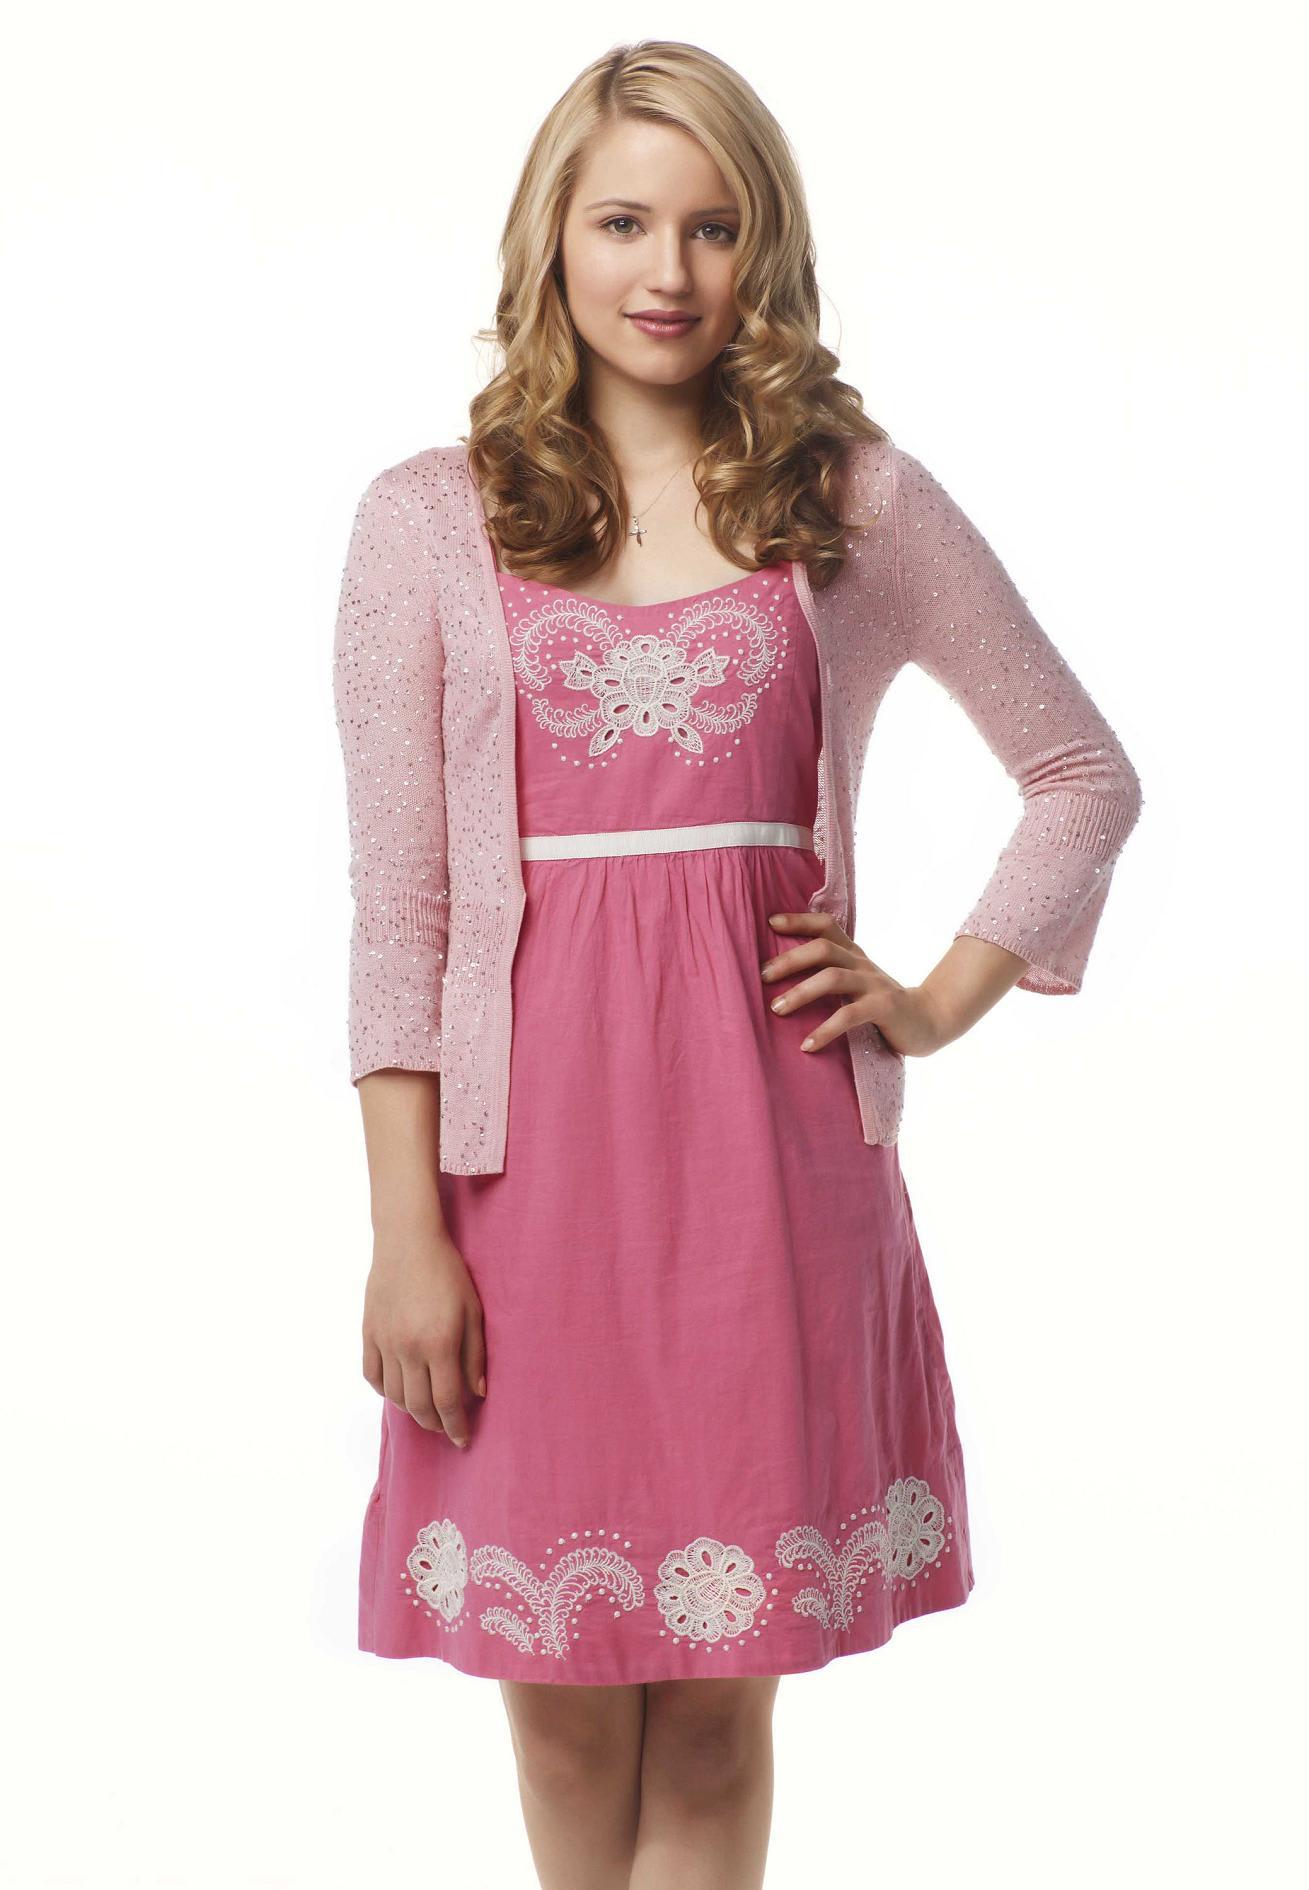 Dianna Agron - Glee Season 1 Promotional ImagesDianna Agron Glee Season 1